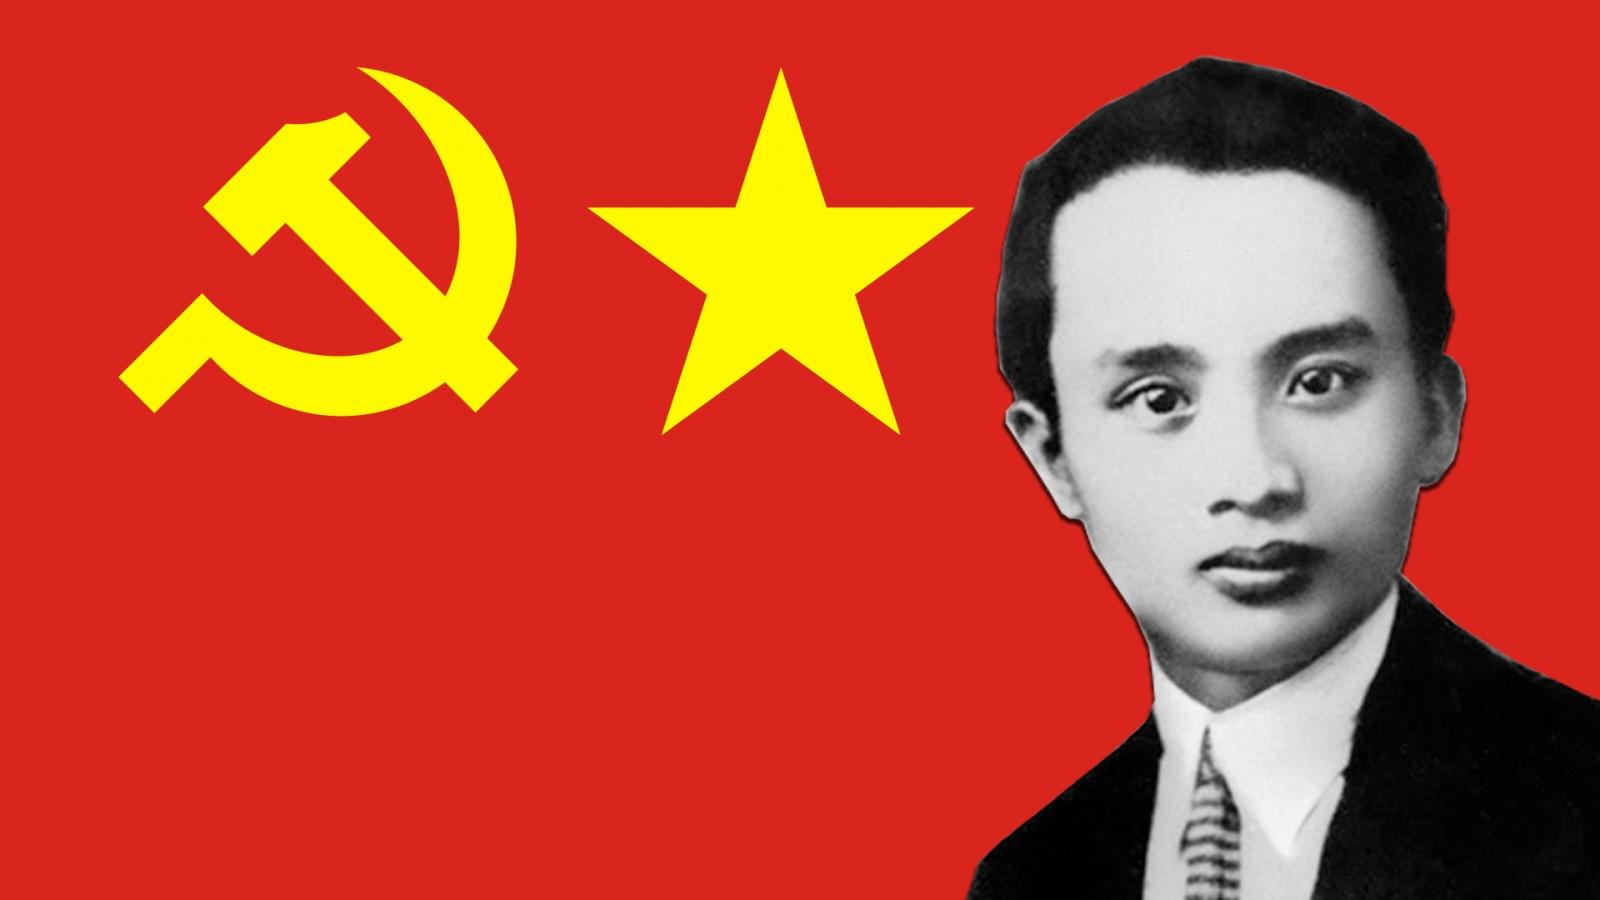 Tổng Bí thư Hà Huy Tập - người cộng sản kiên trung, bất khuất